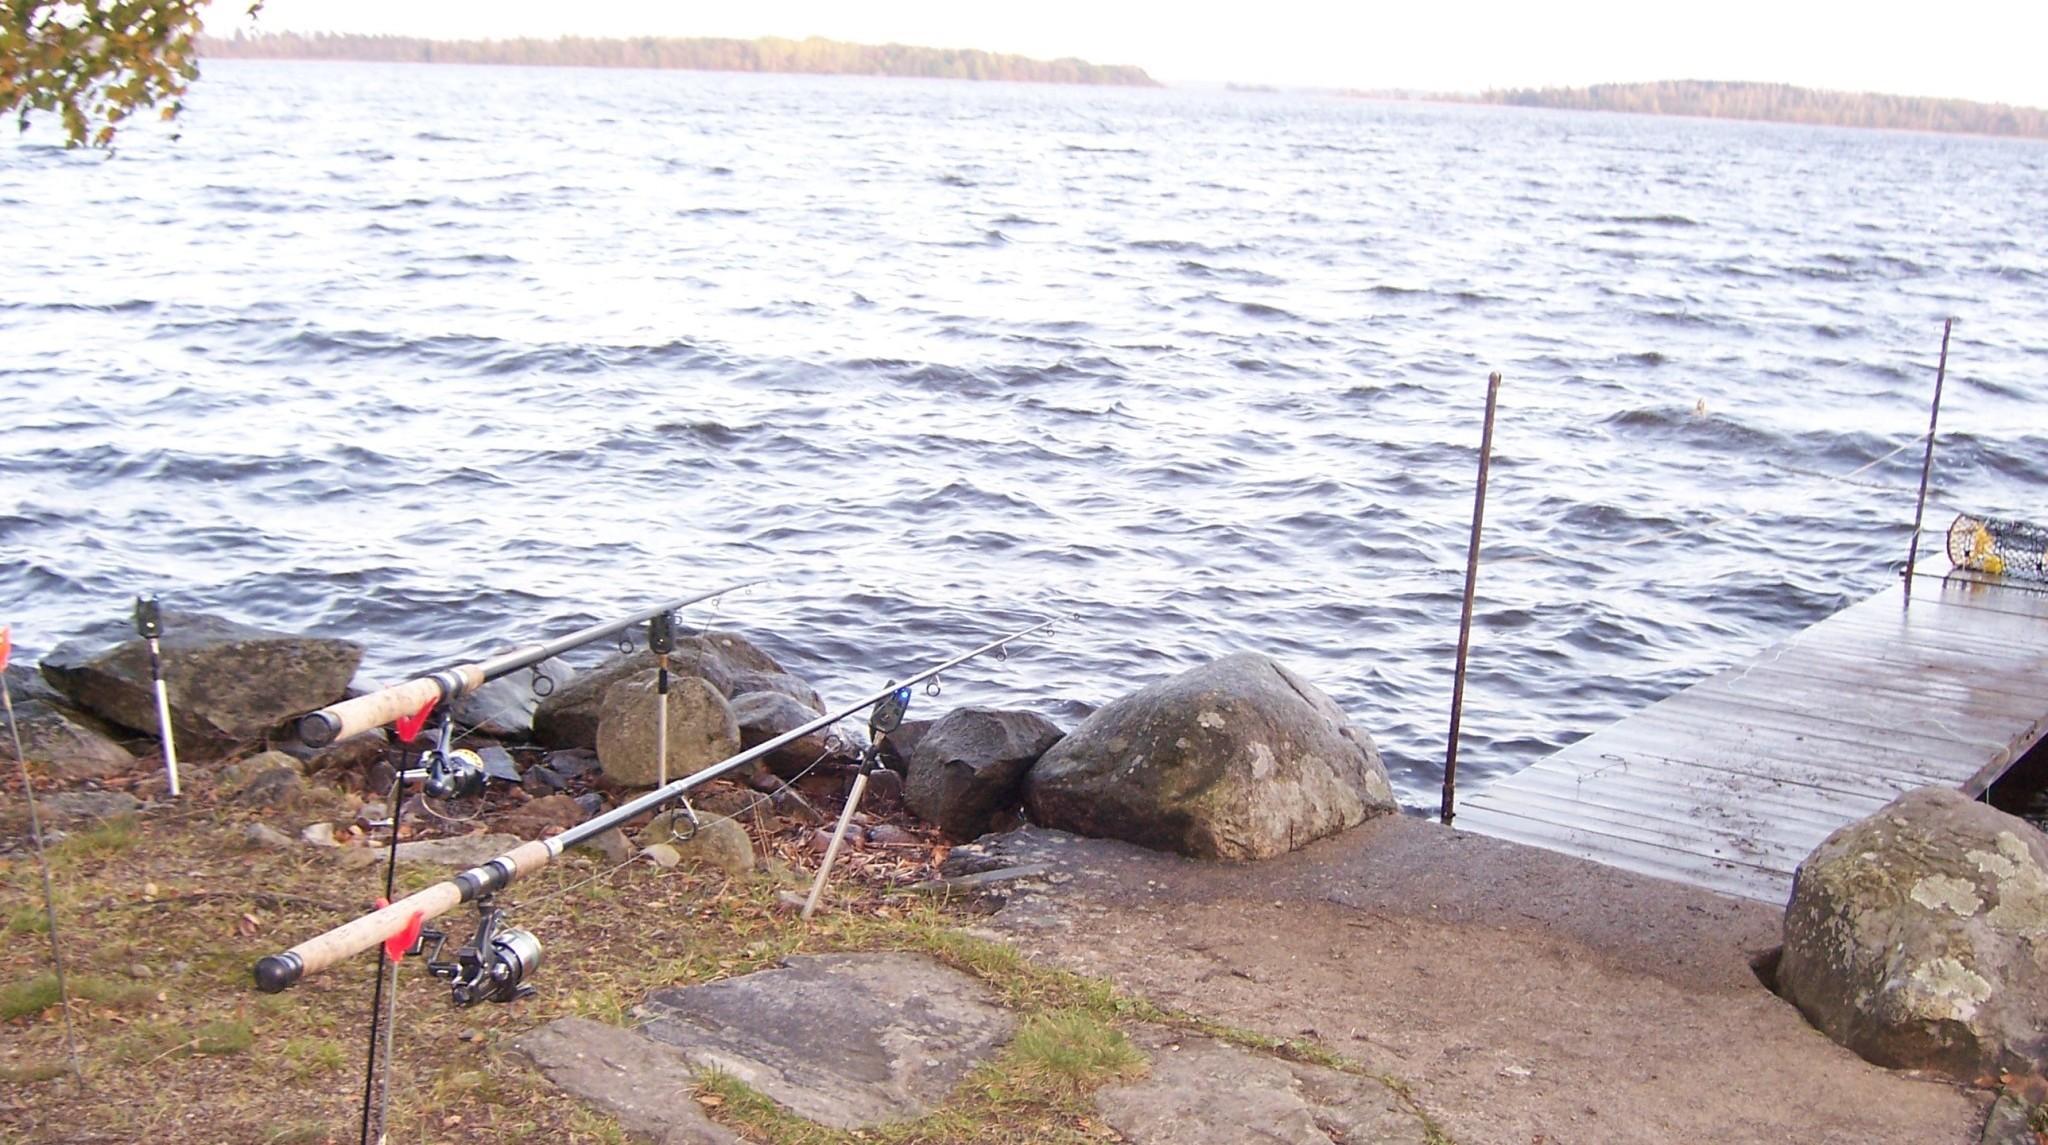 ÅSNEN-TROLLING 2010, Grundruten sind draußen